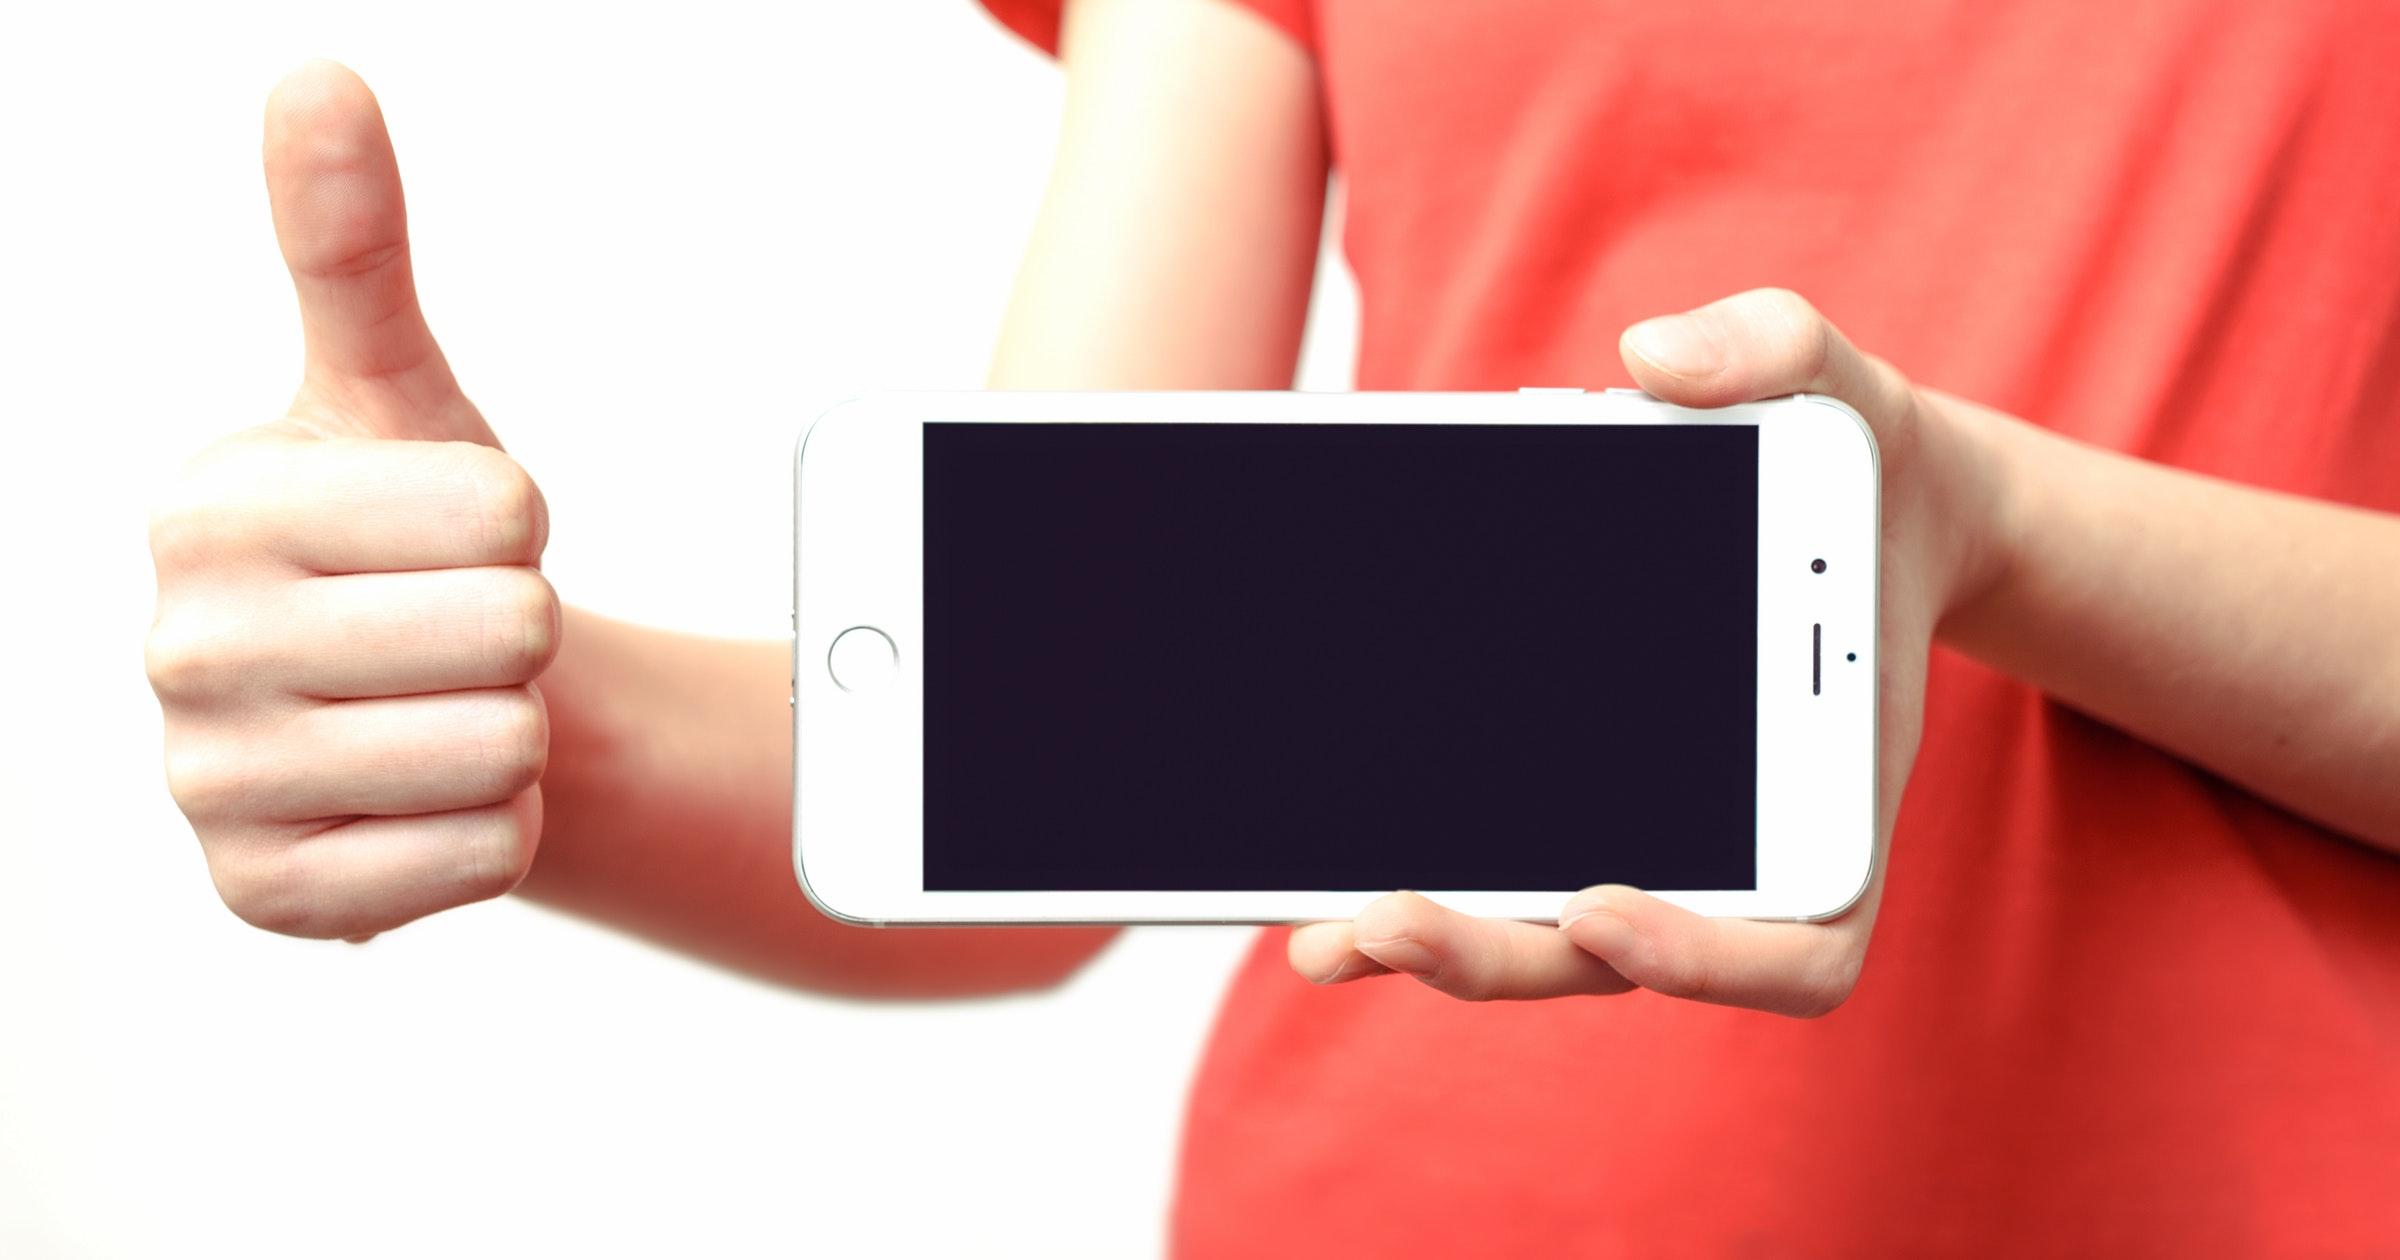 iphone, iphone android võrdlus, ios android võrdlus, samsung iphone, mobipunkt